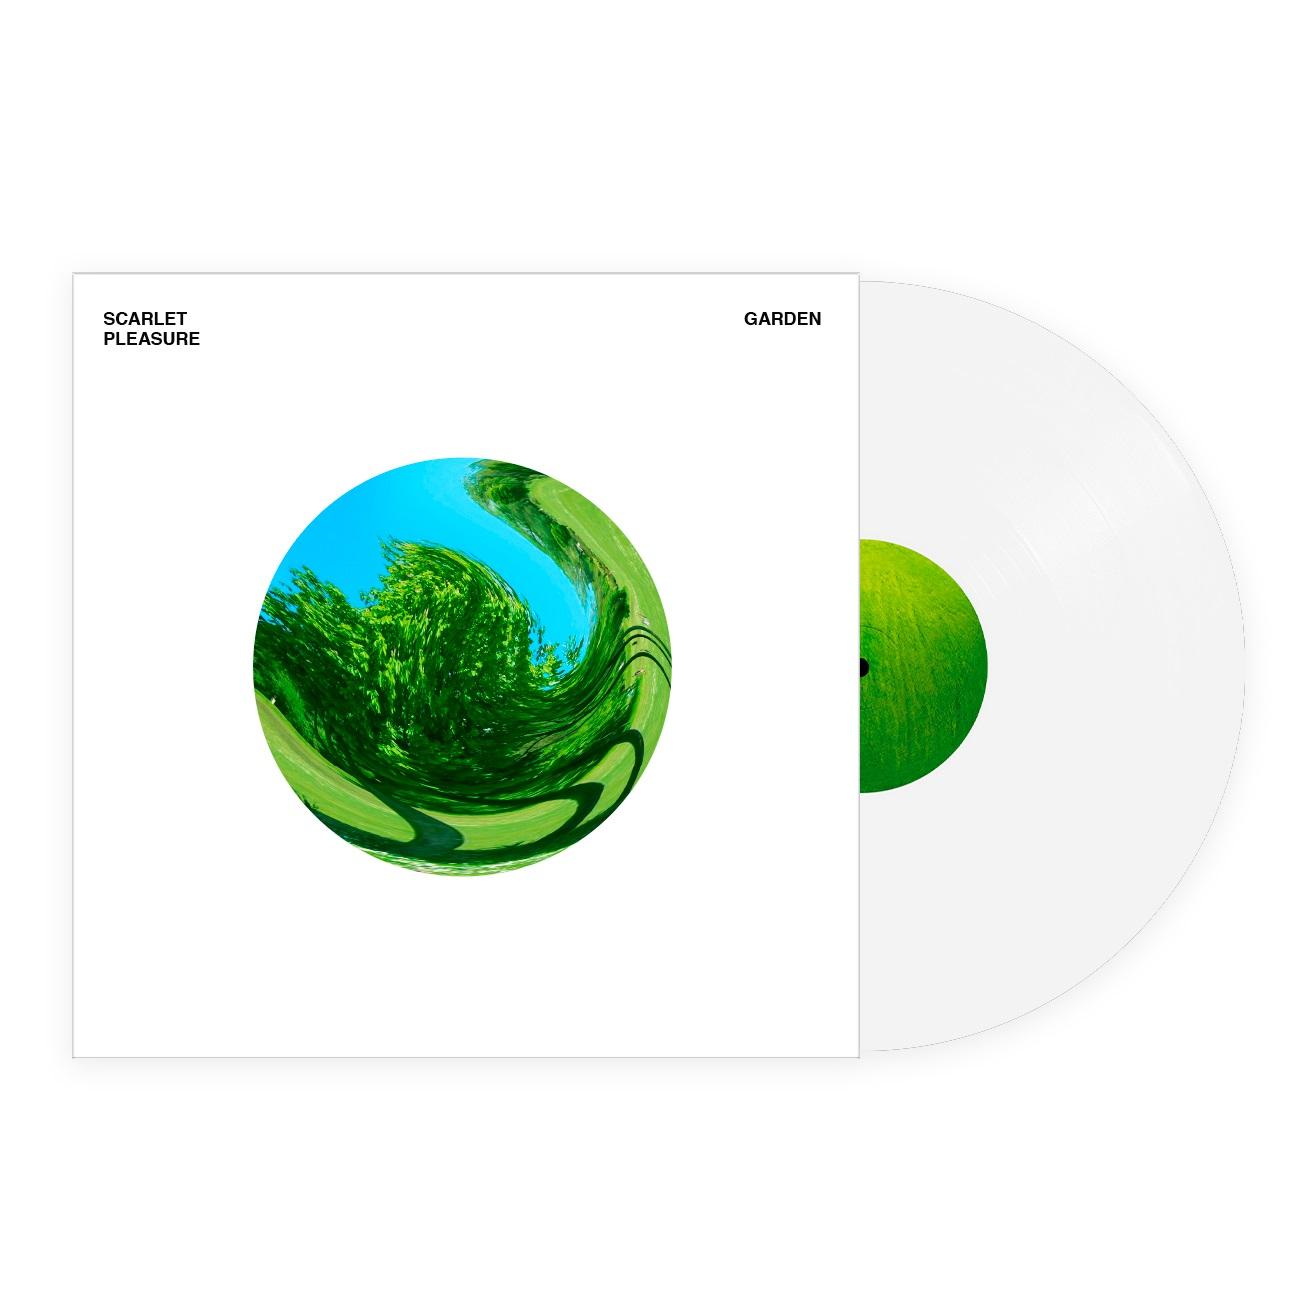 Garden - Hvid vinyl - Scarlet Pleasure - Musik -  - 0602507377663 - October 2, 2020